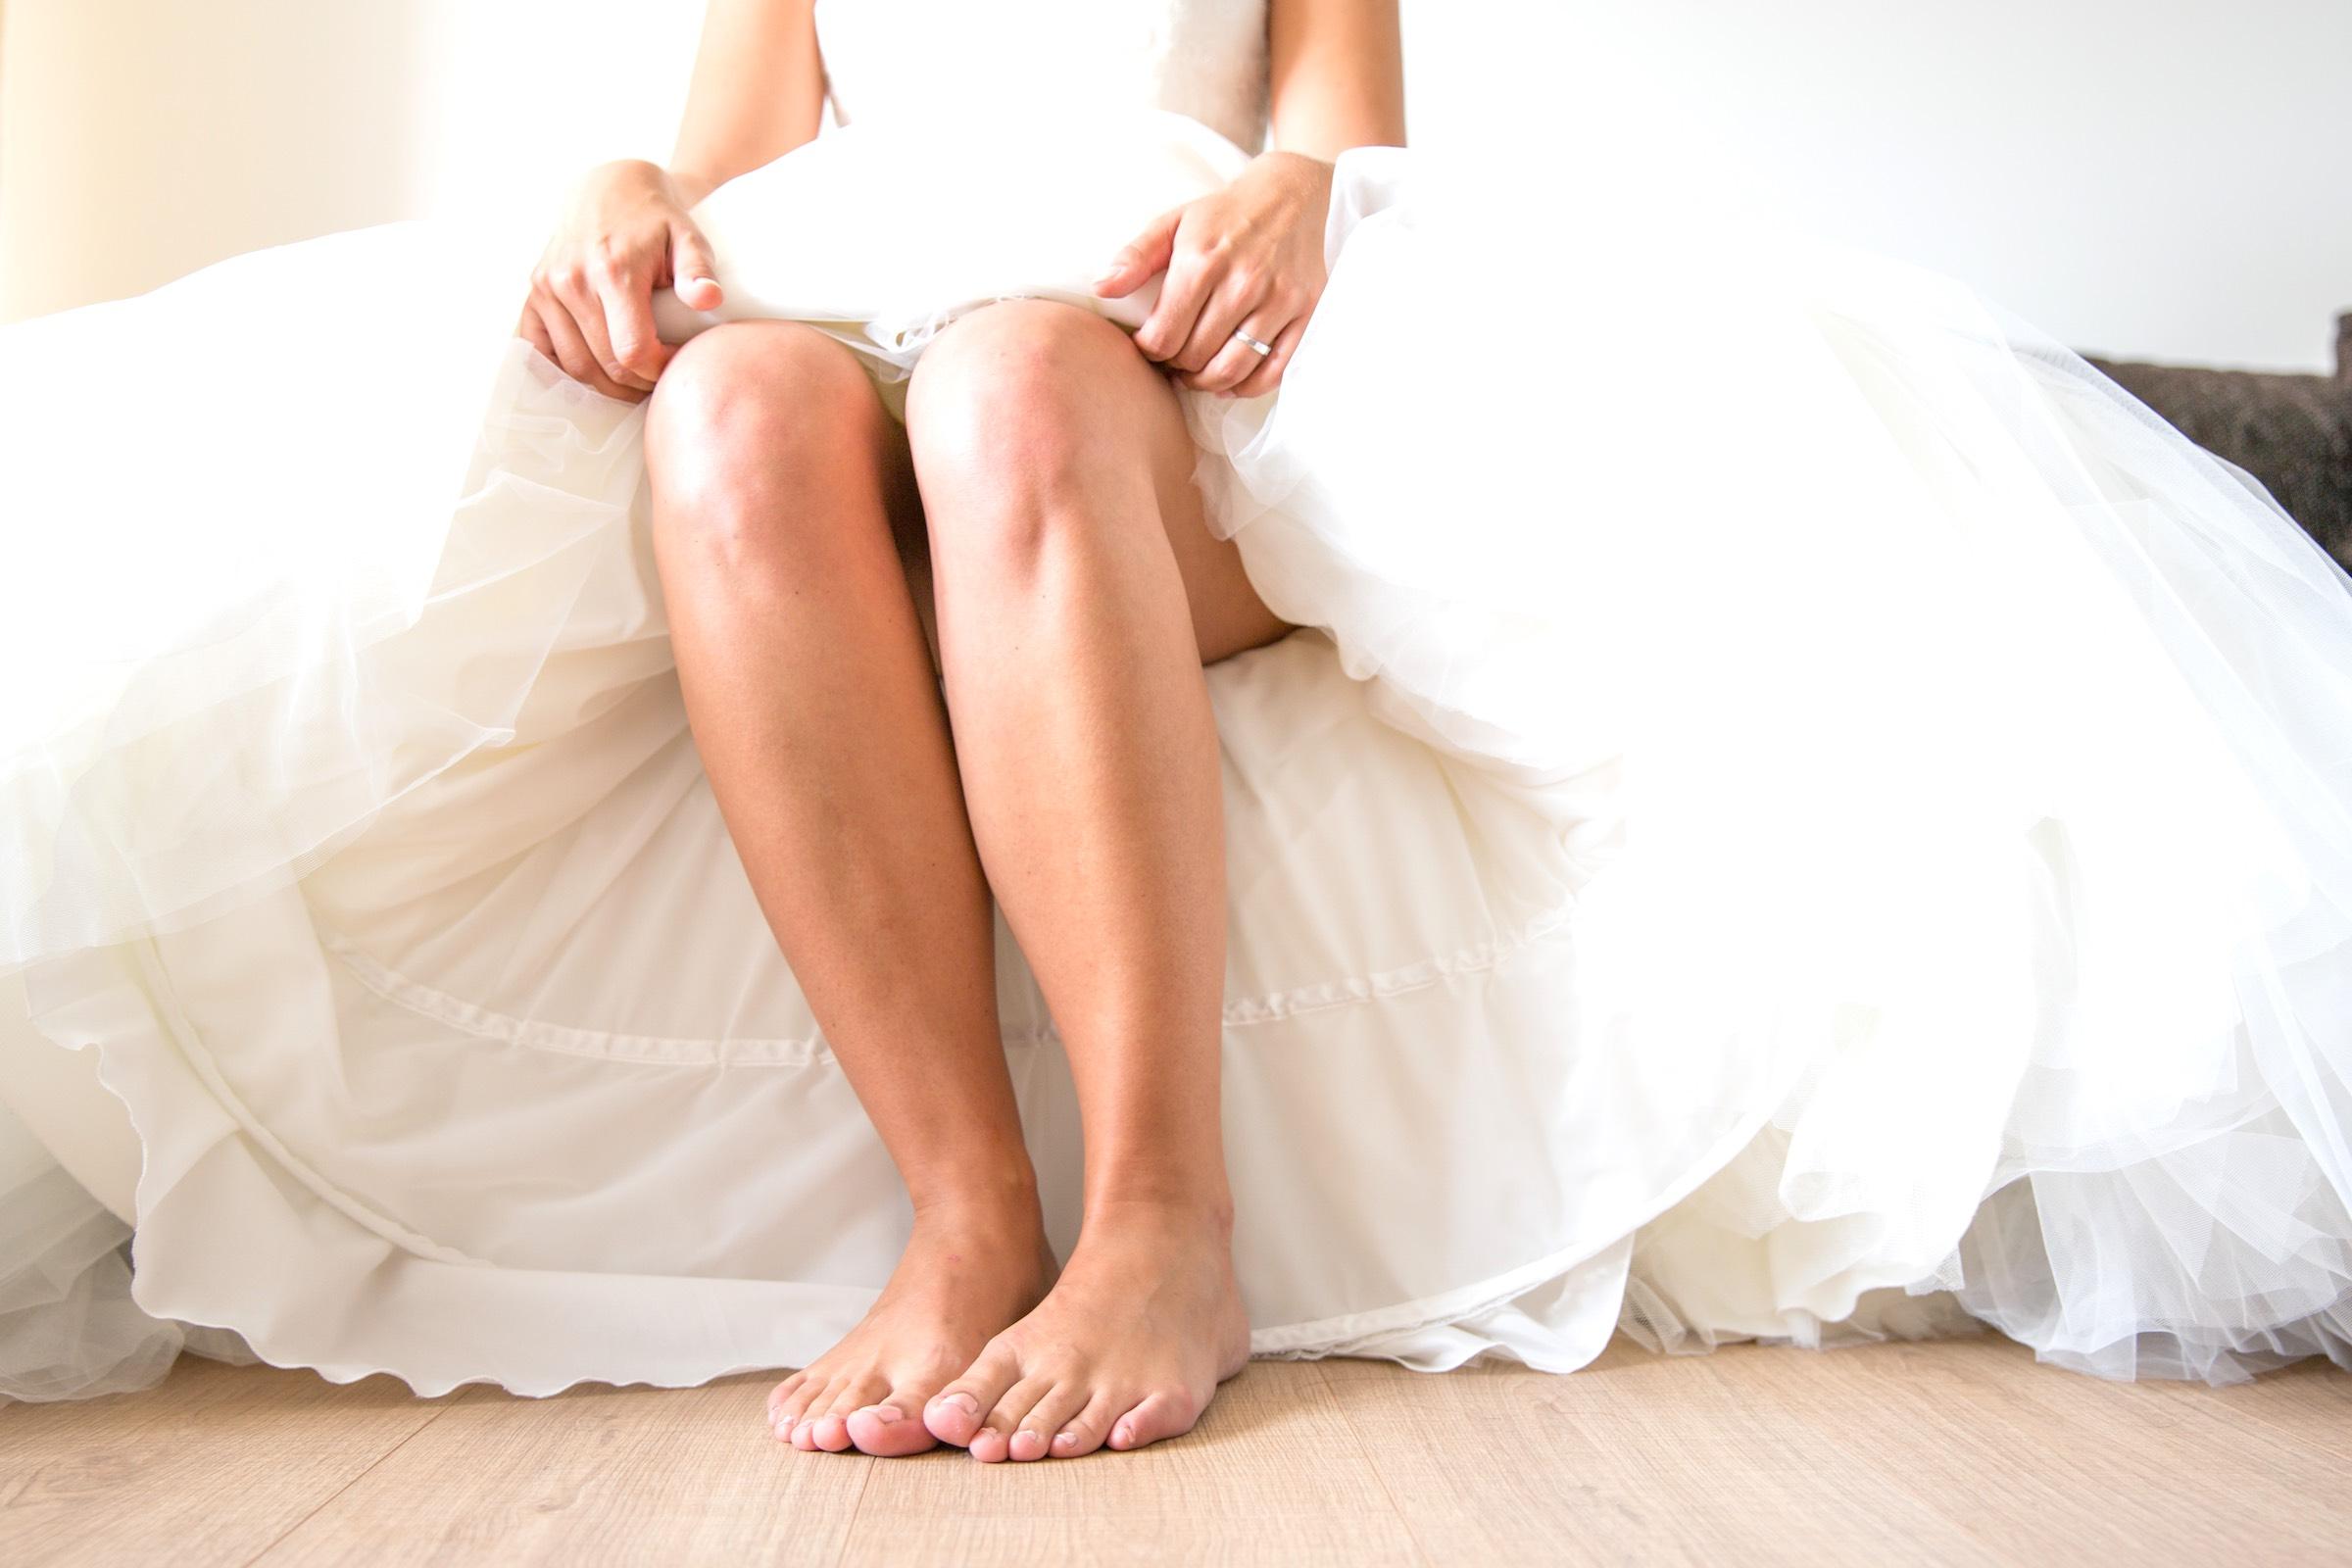 Hochzeitsreportage | Hochzeit | Hannover | Hameln | Celle | Braunschweig | Peine | Fotograf | Hochzeit | Hochzeitsfotografie | Hochzeitsfotograf | Fotografie | Mieten | Buchen | Lehmann | Eventservice